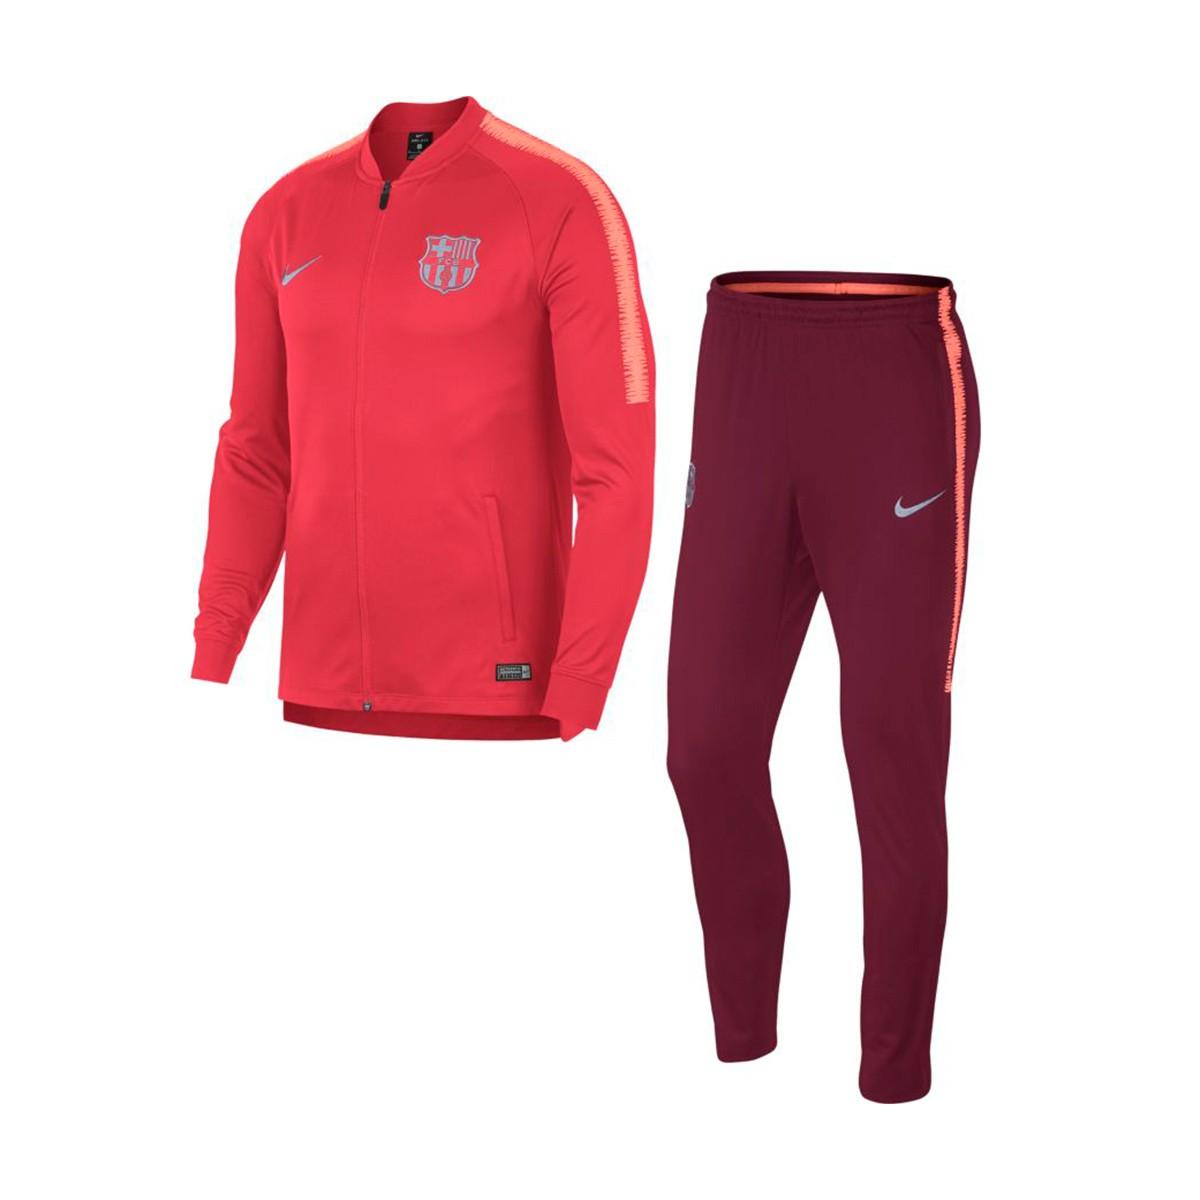 dfdcc4d1e413b Nike FC Barcelona súprava (bunda + nohavice) červená pánska 2018-2019